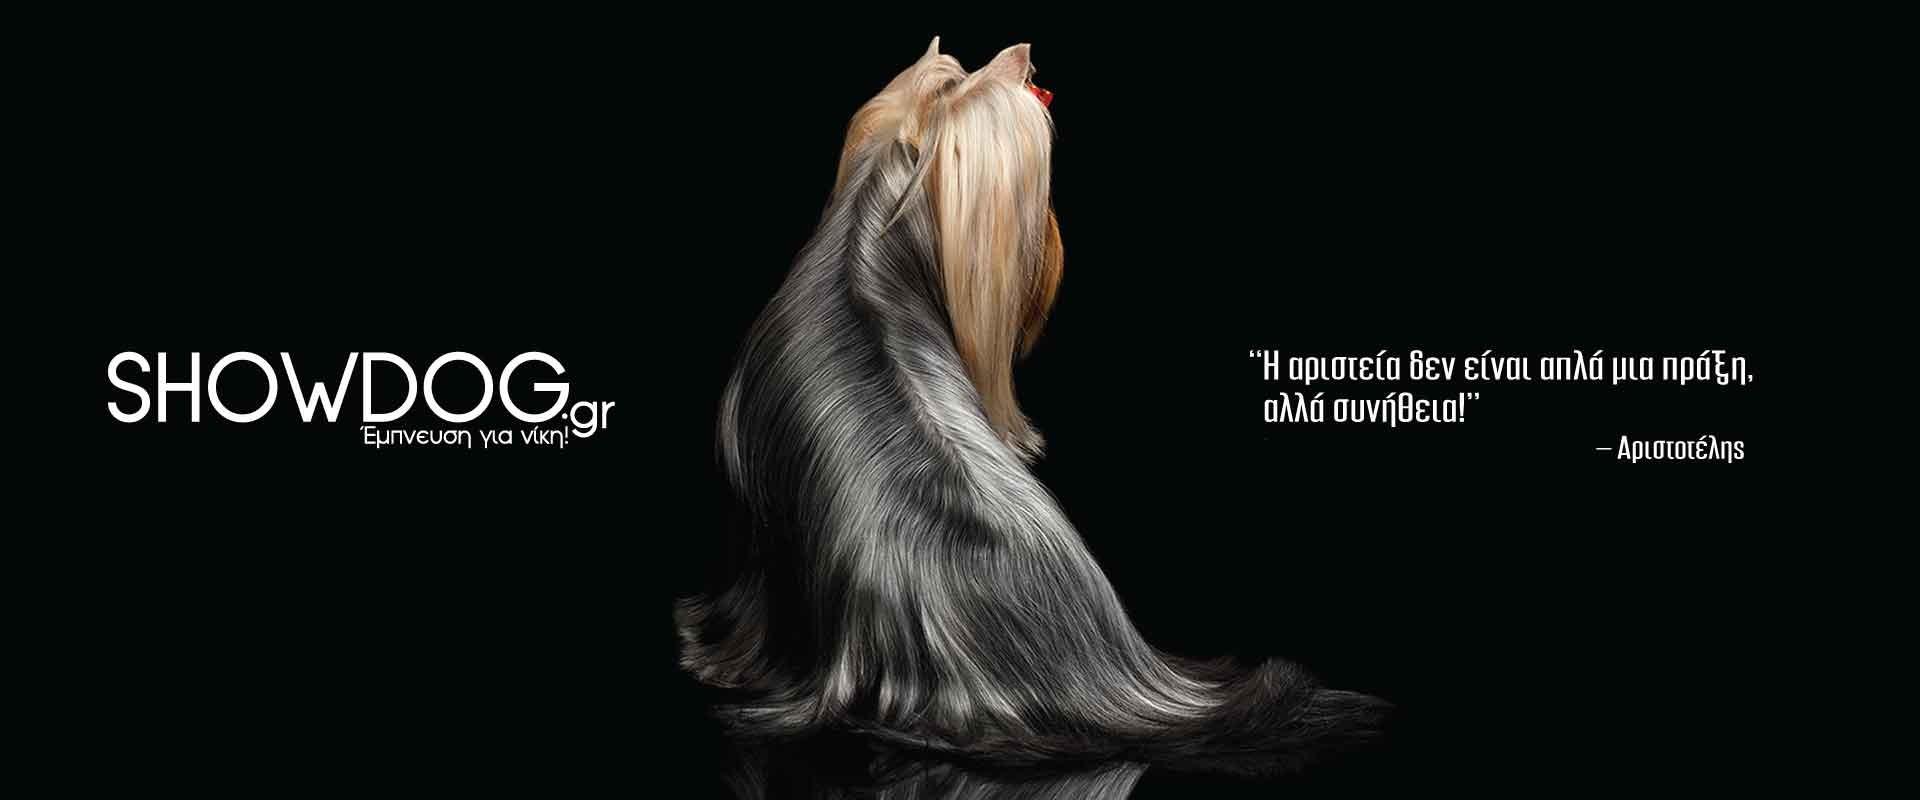 showdog.gr - Εκθεσιακά προϊόντα σκύλου